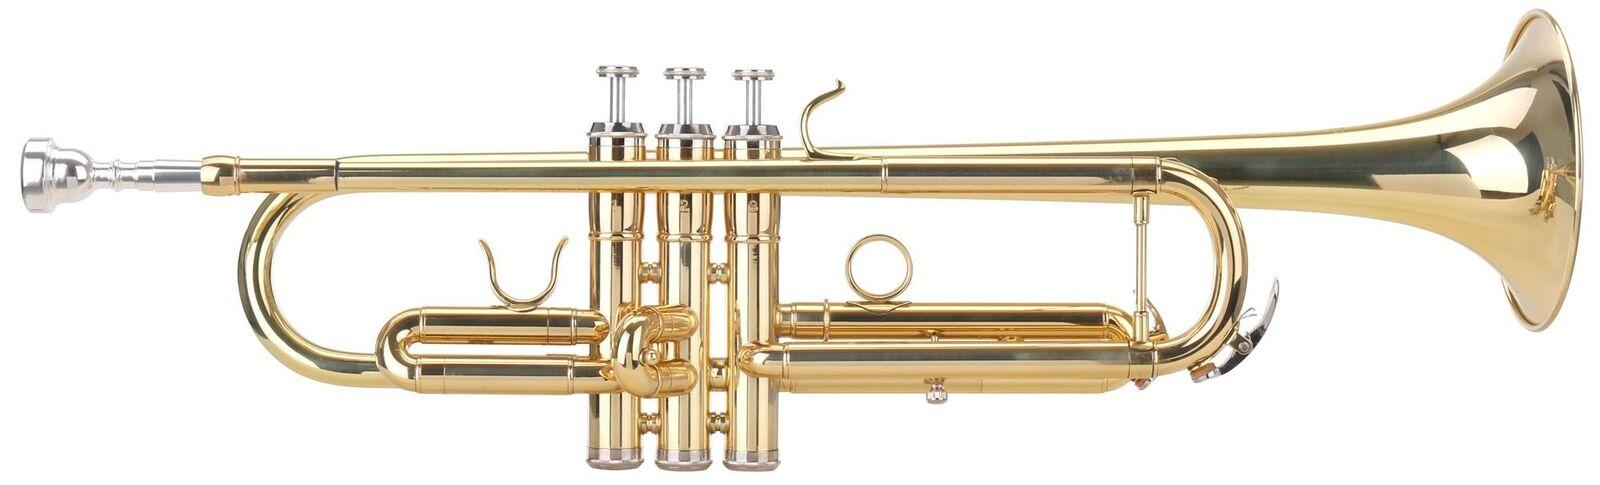 Hochwertige B Trompete Messing Schallbecher und und und Mundrohr mit Koffer Mundstück aed023